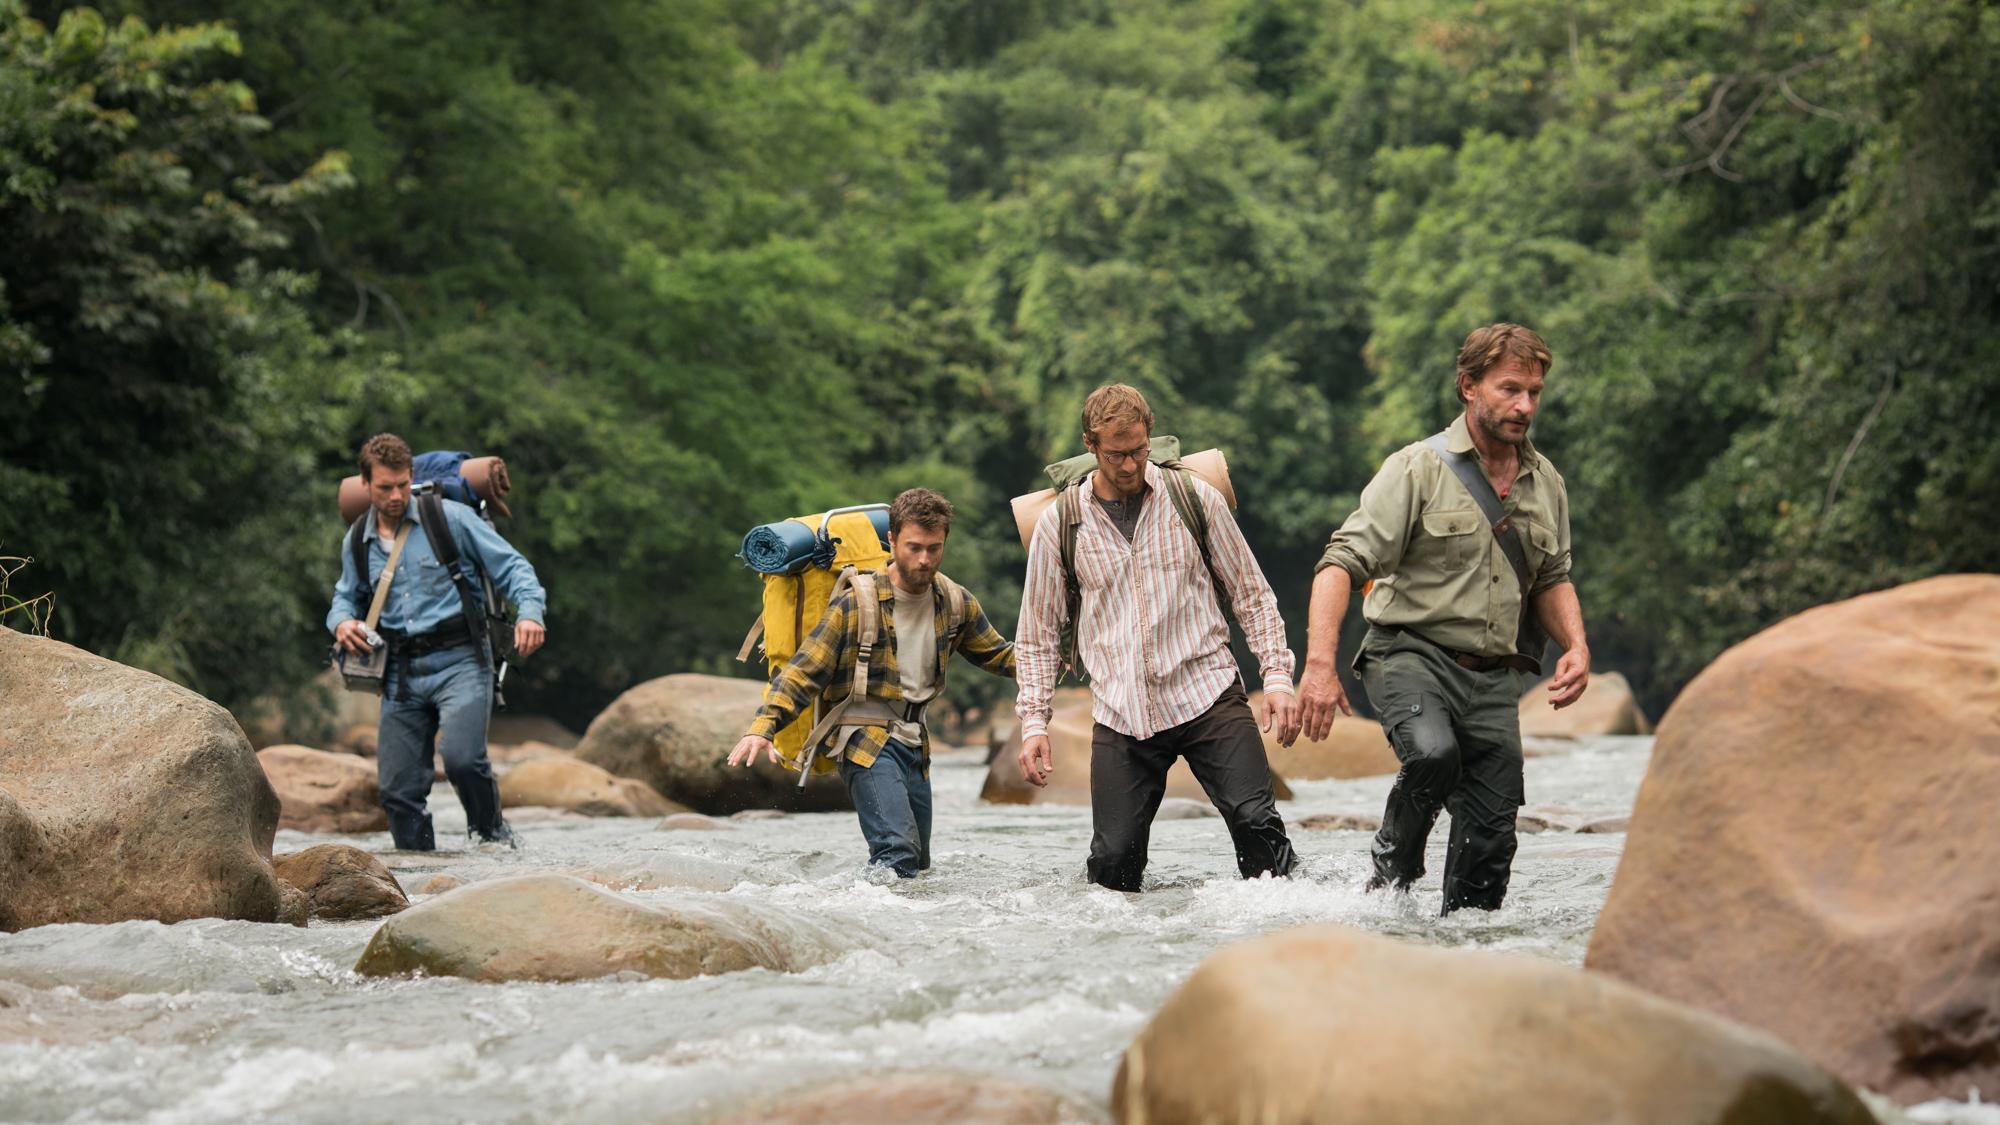 Jungle_Jungle_Alex Russell (Kevin), Daniel Radcliffe (Yossi), Joel Jackson (Marcus) & Thomas Krestchmann (Karl) 1.jpg